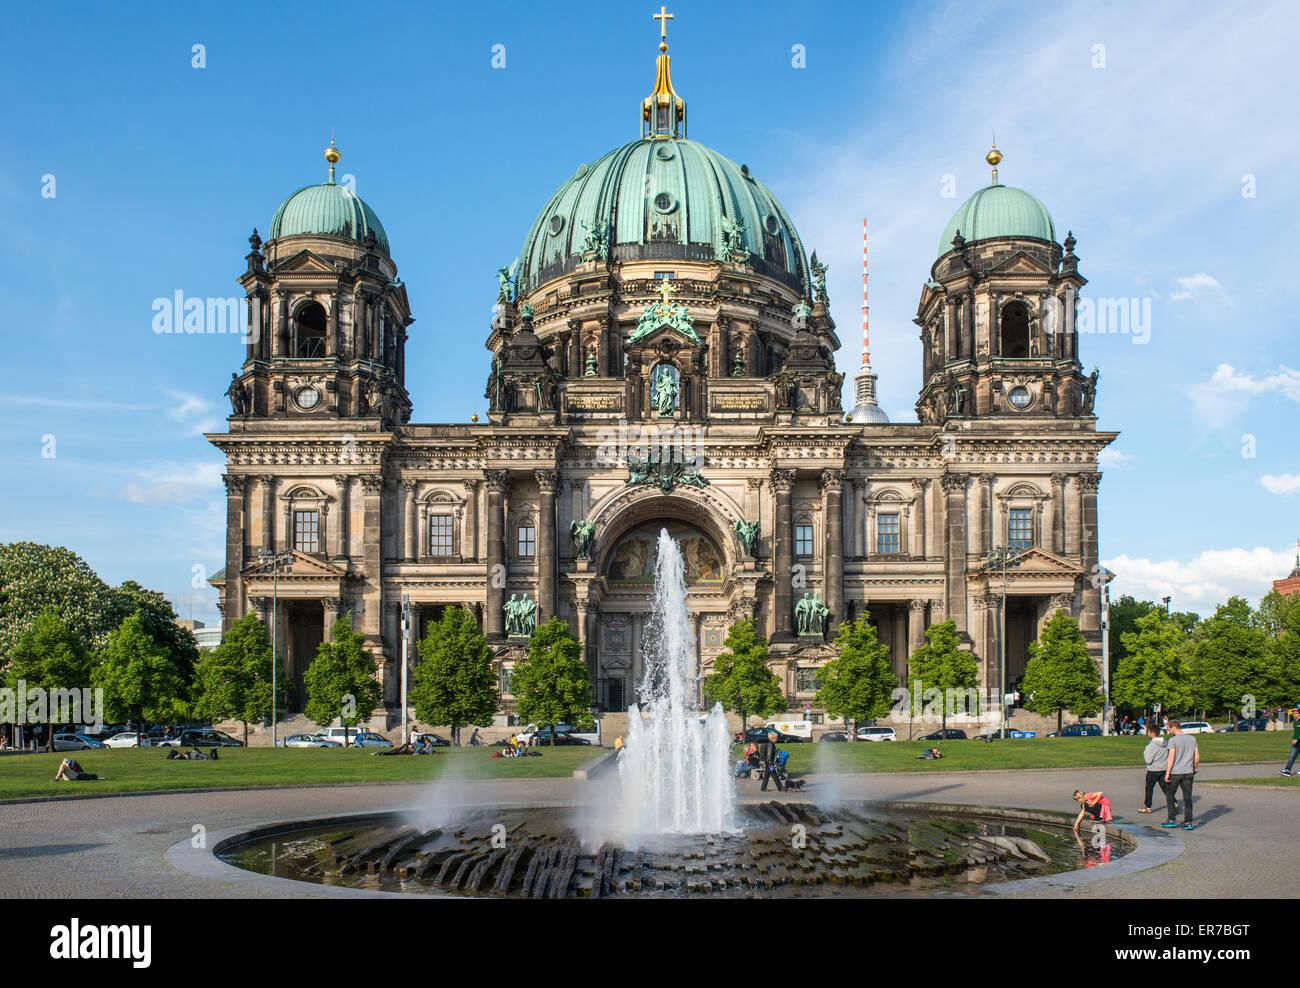 La Catedral de Berlín (Berliner Dom) en la Isla de los museos en el distrito Mitte de la capital alemana Imagen De Stock